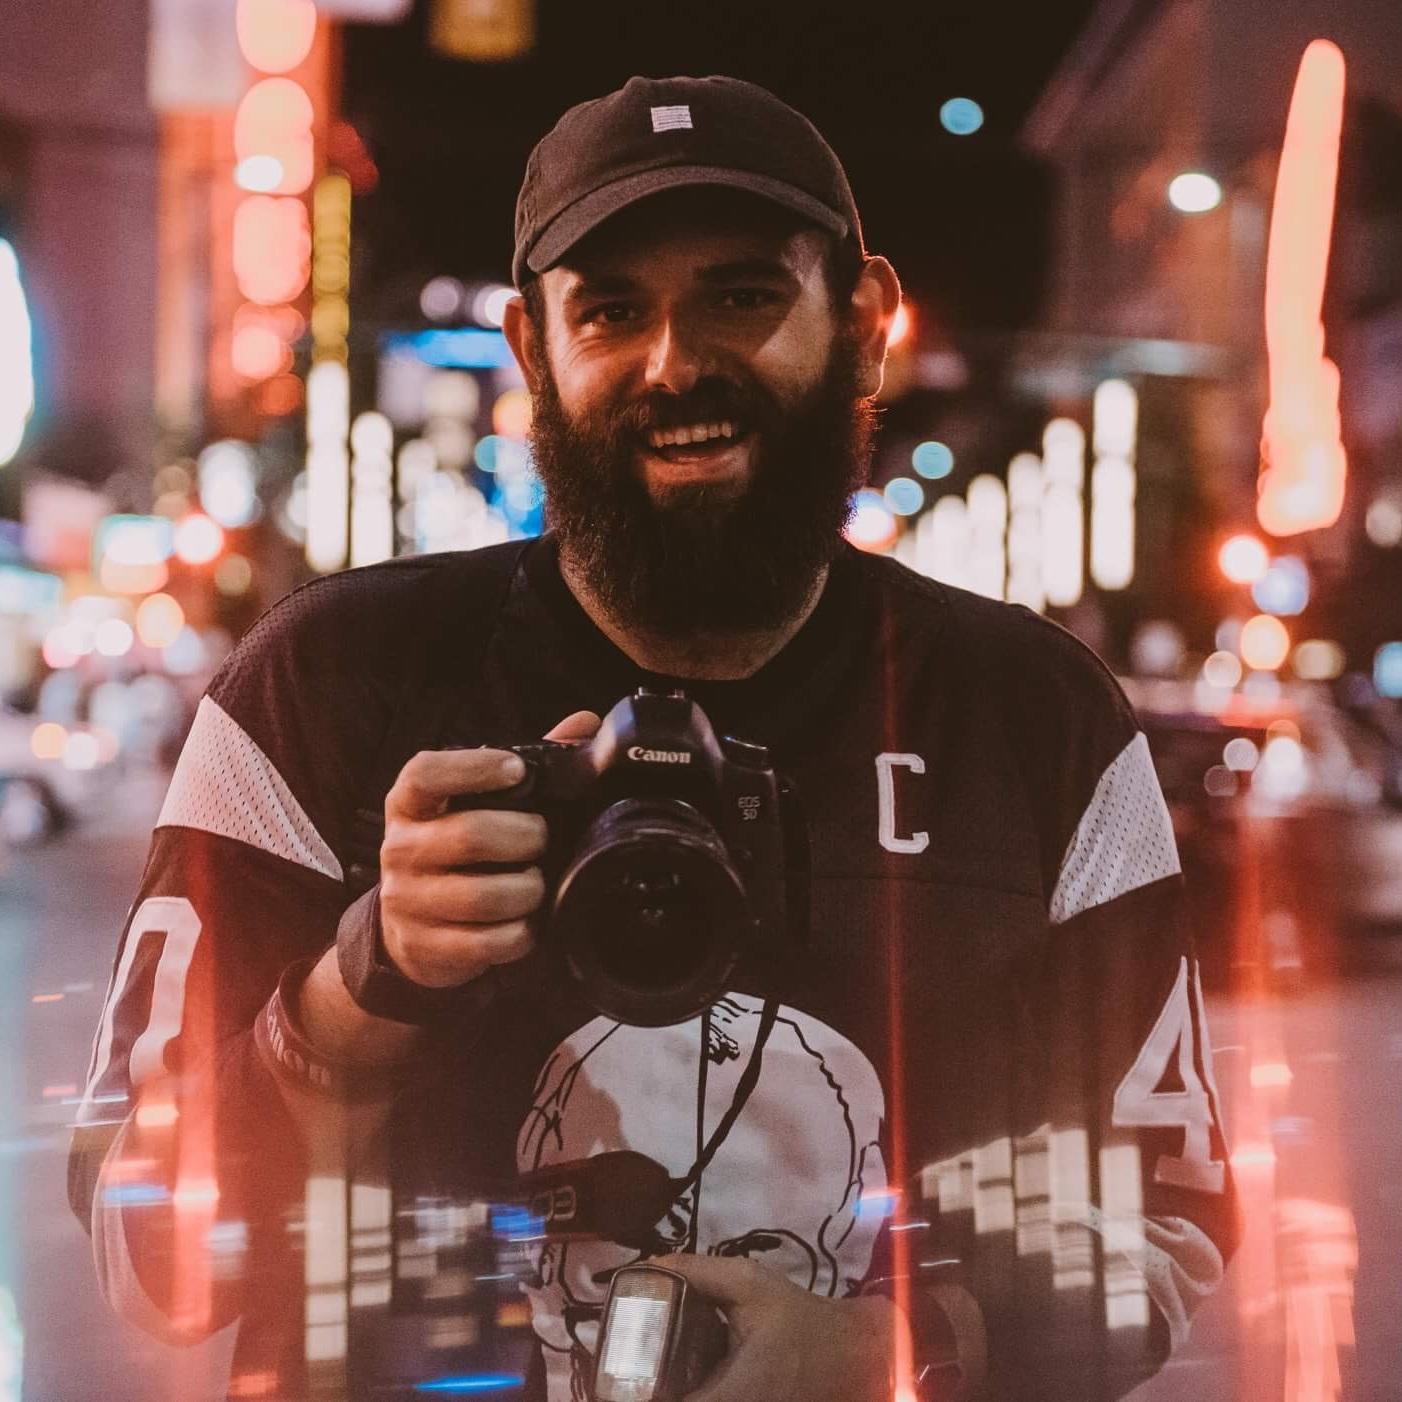 Joshua Grafstein - Short Form Video Creator